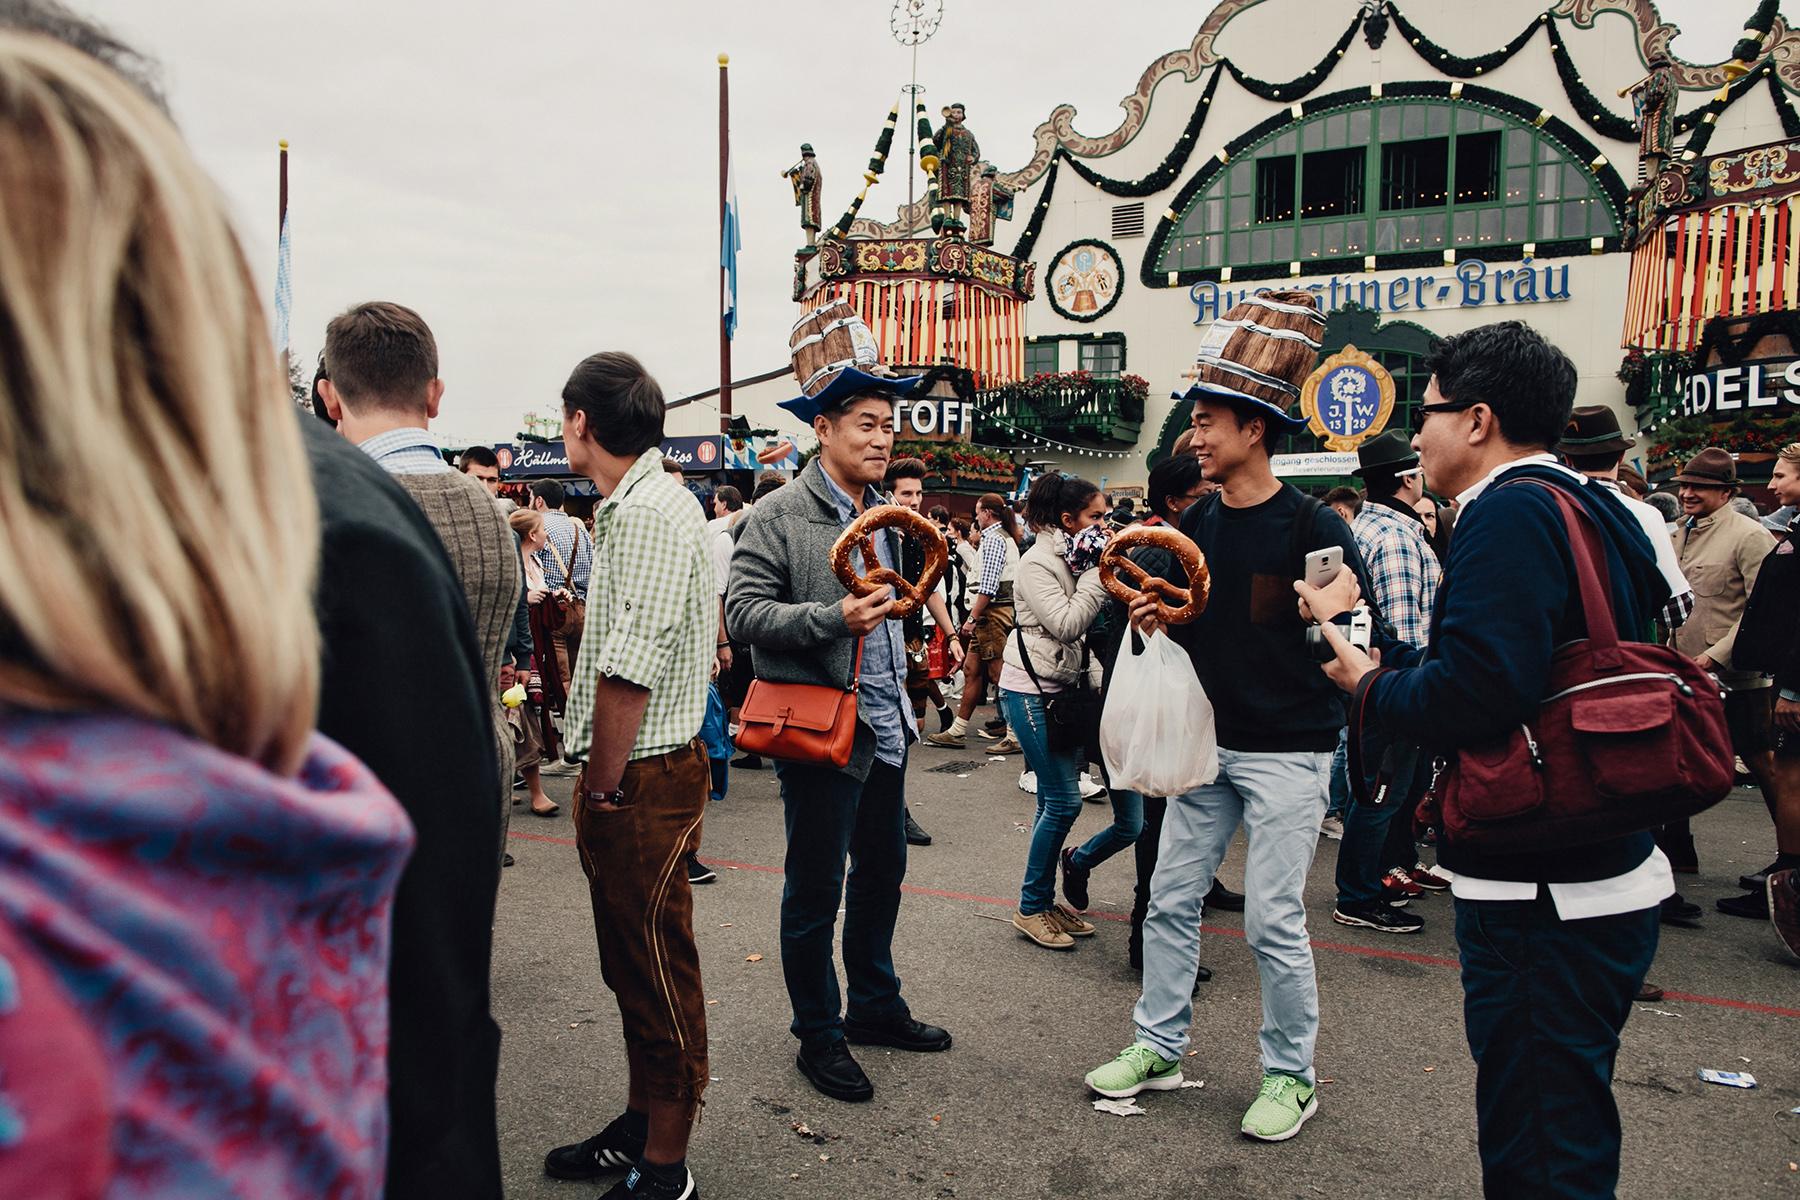 Oktoberfest-Photographs-Munich-0007.jpg